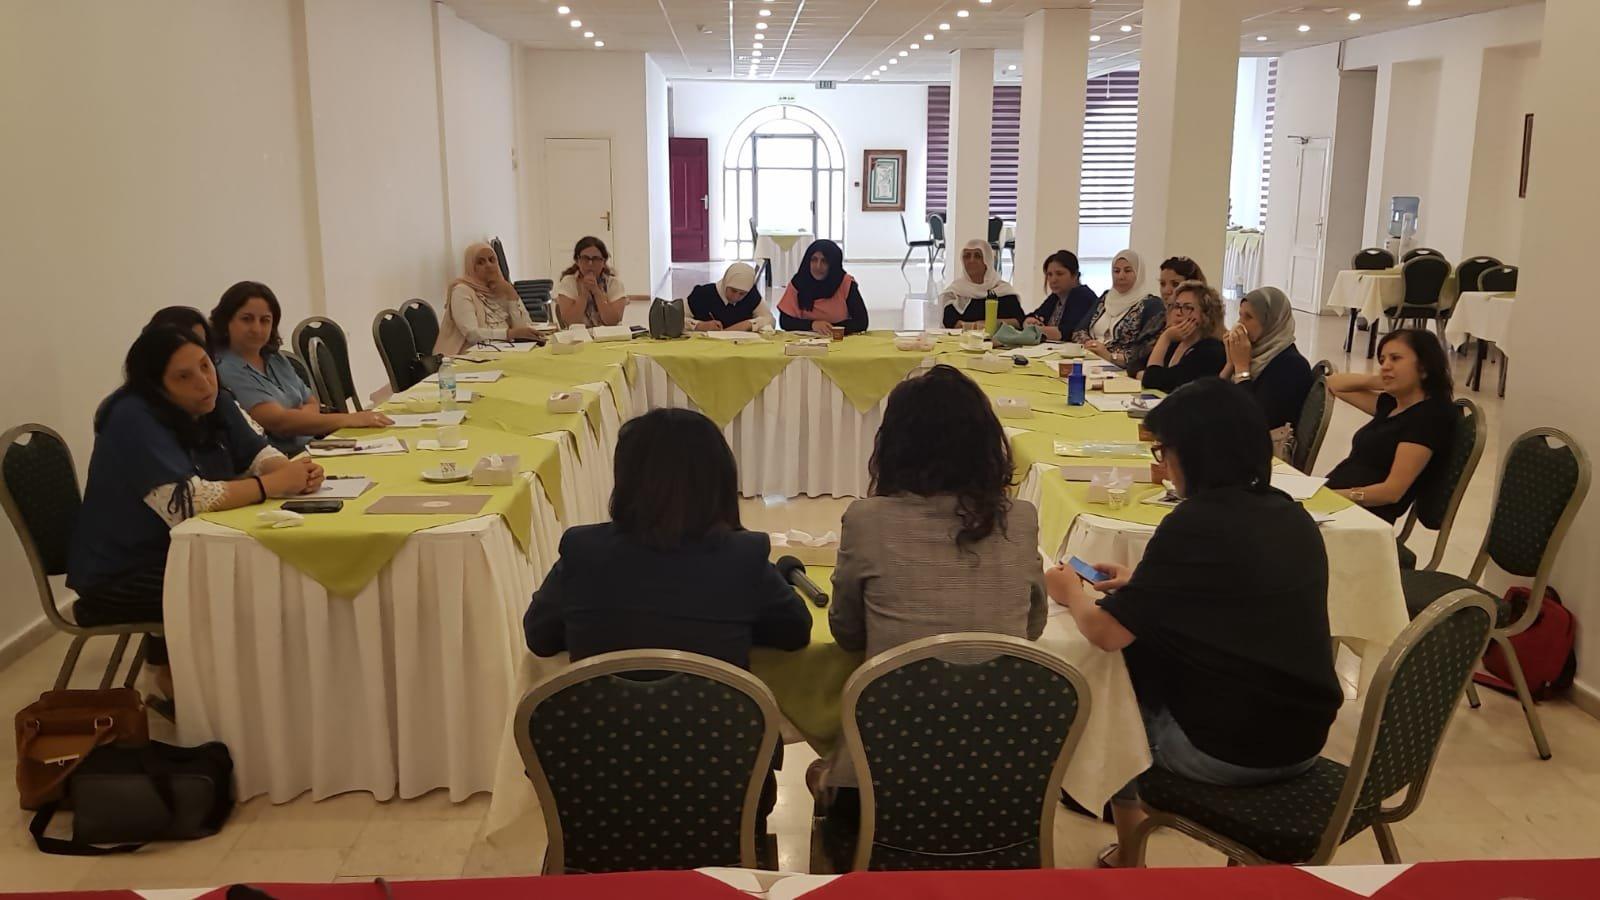 إعلام يختتم دورة نحو بناء استراتيجية إعلامية لمرشحات السلطات المحليّة